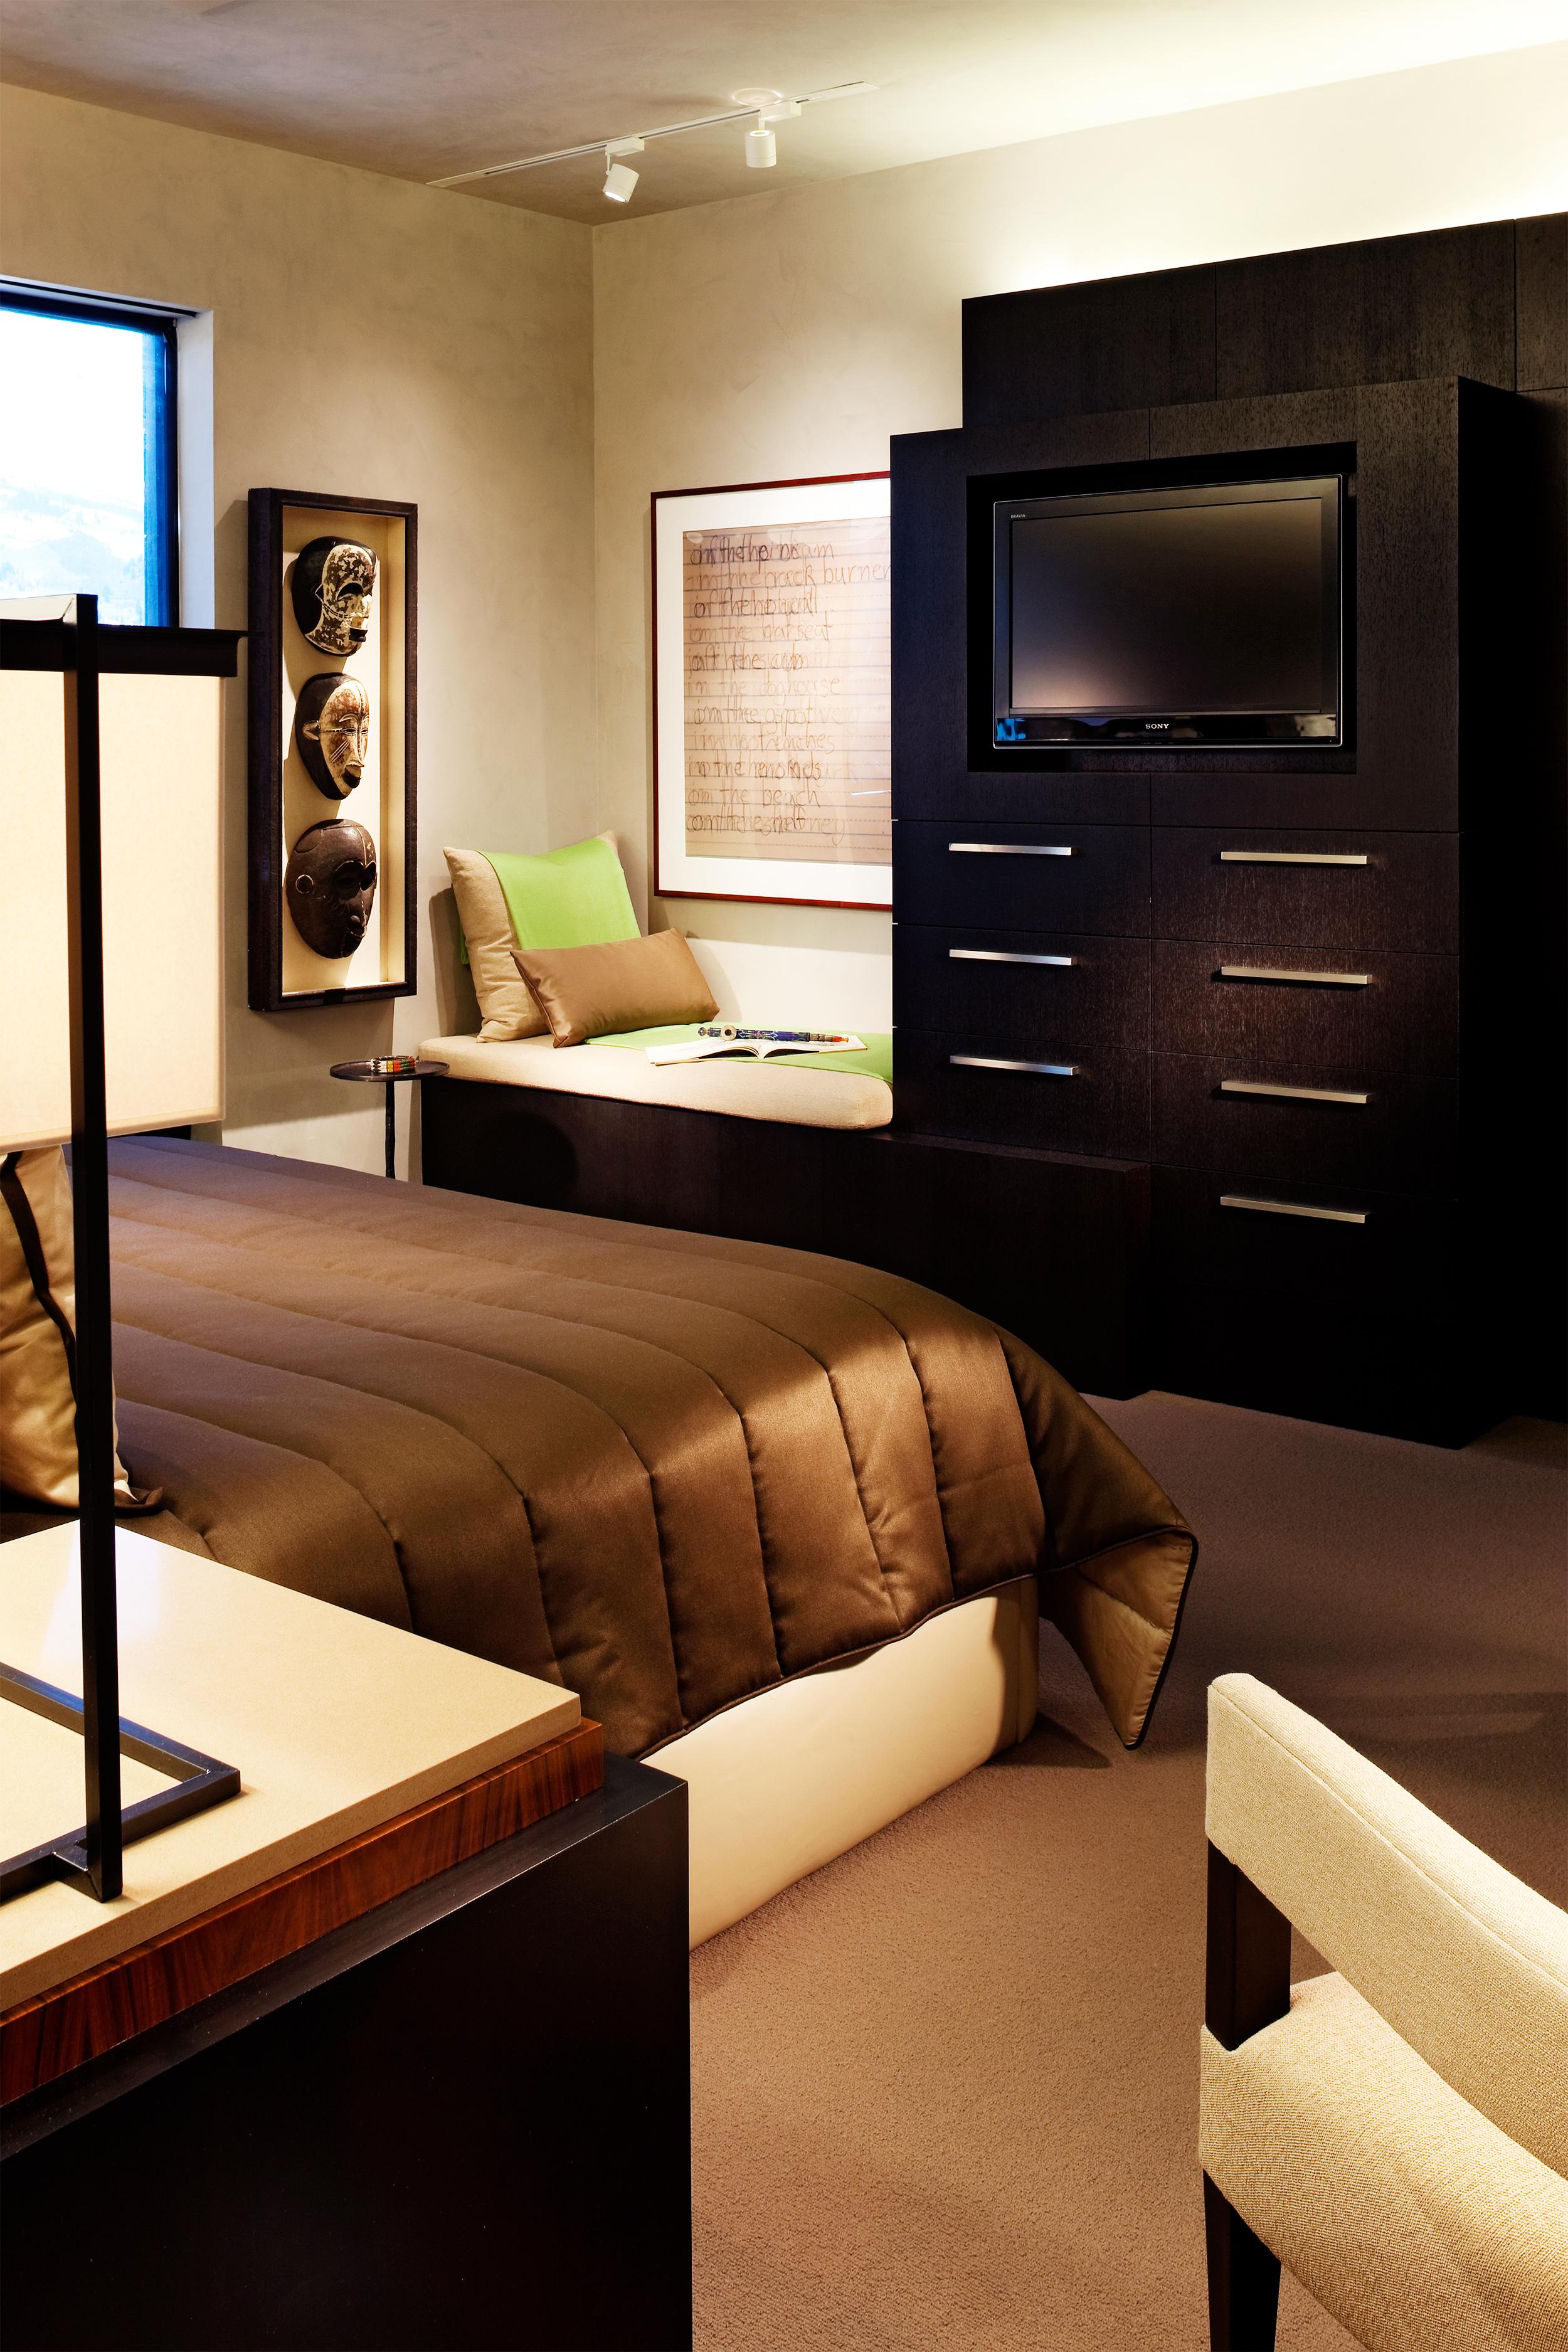 b&gdesign-guest-bedroom.jpg